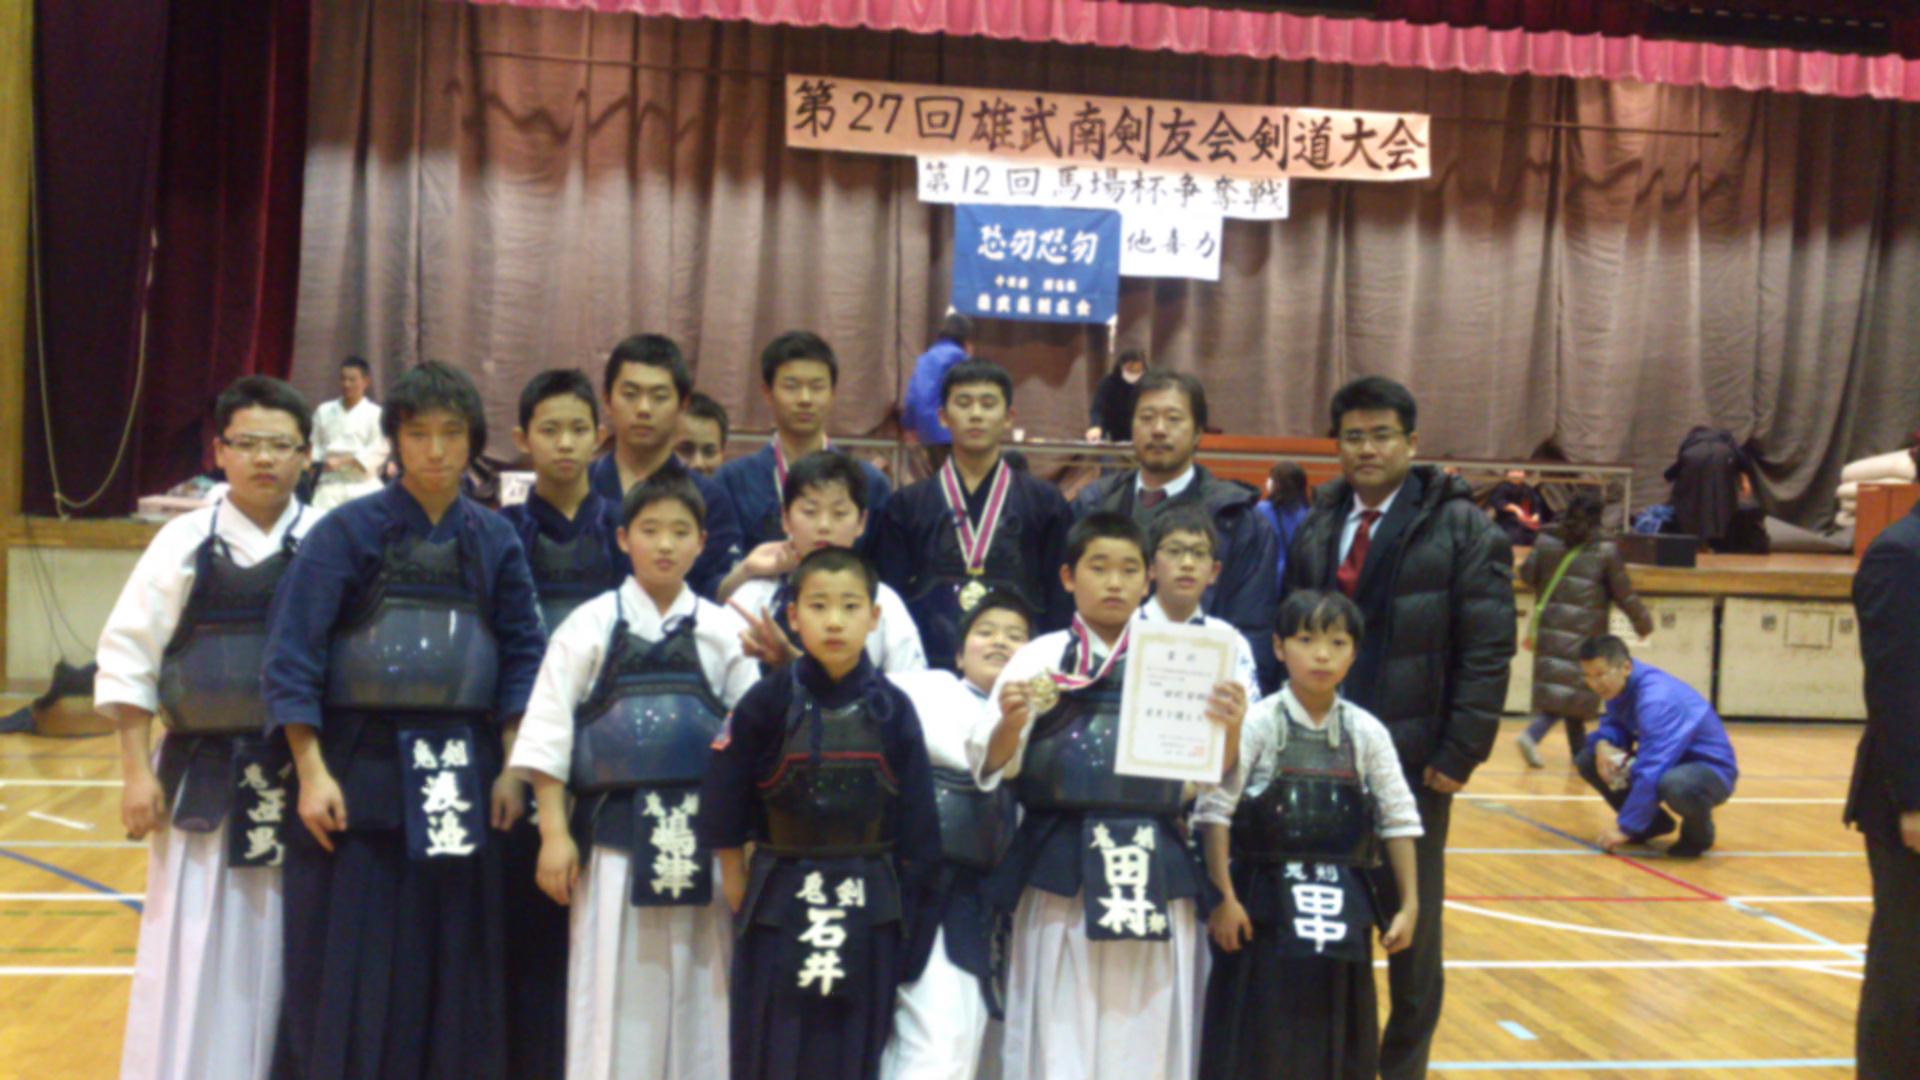 第11回馬場杯争奪剣道大会